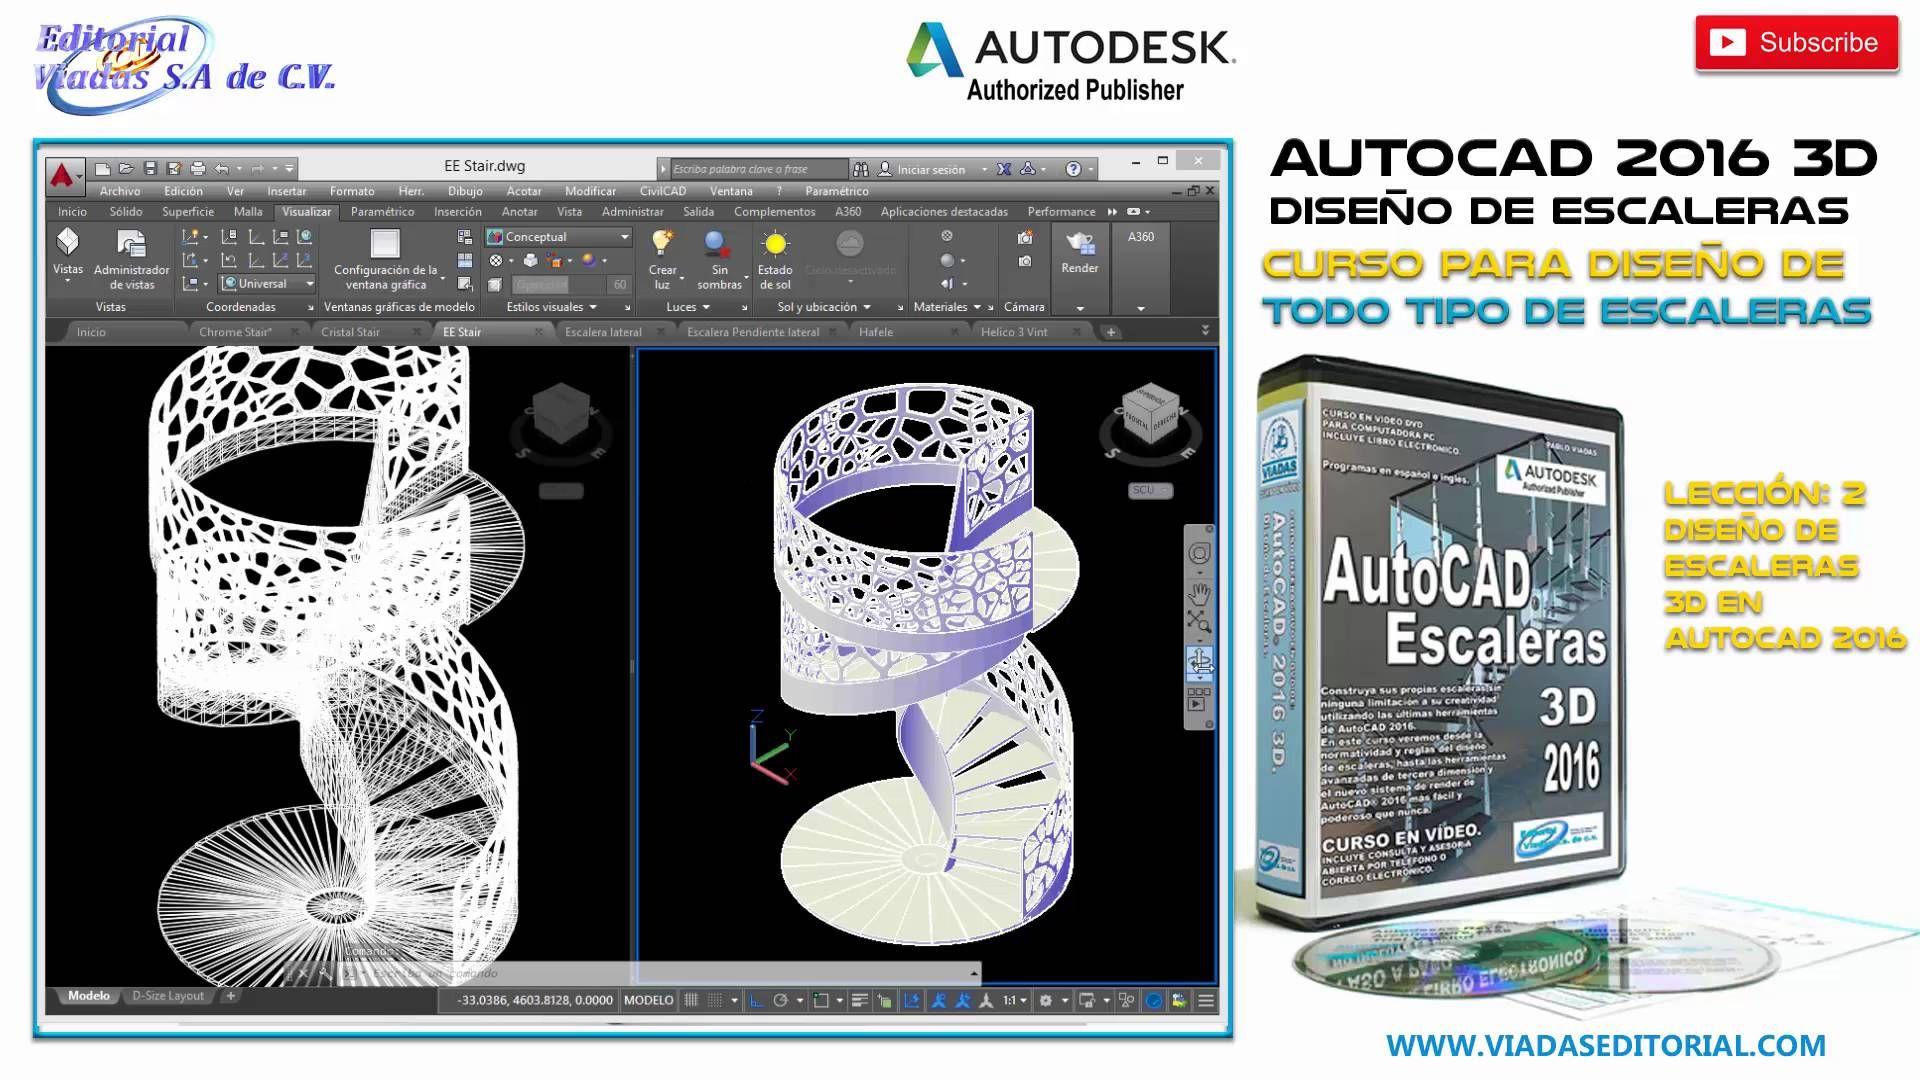 Autocad 2016 3d Curso Tutorial Para Diseño De Escaleras Leccion 2 Diseño De Escaleras 3d Disenos De Unas Diseño De Escaleras Autocad